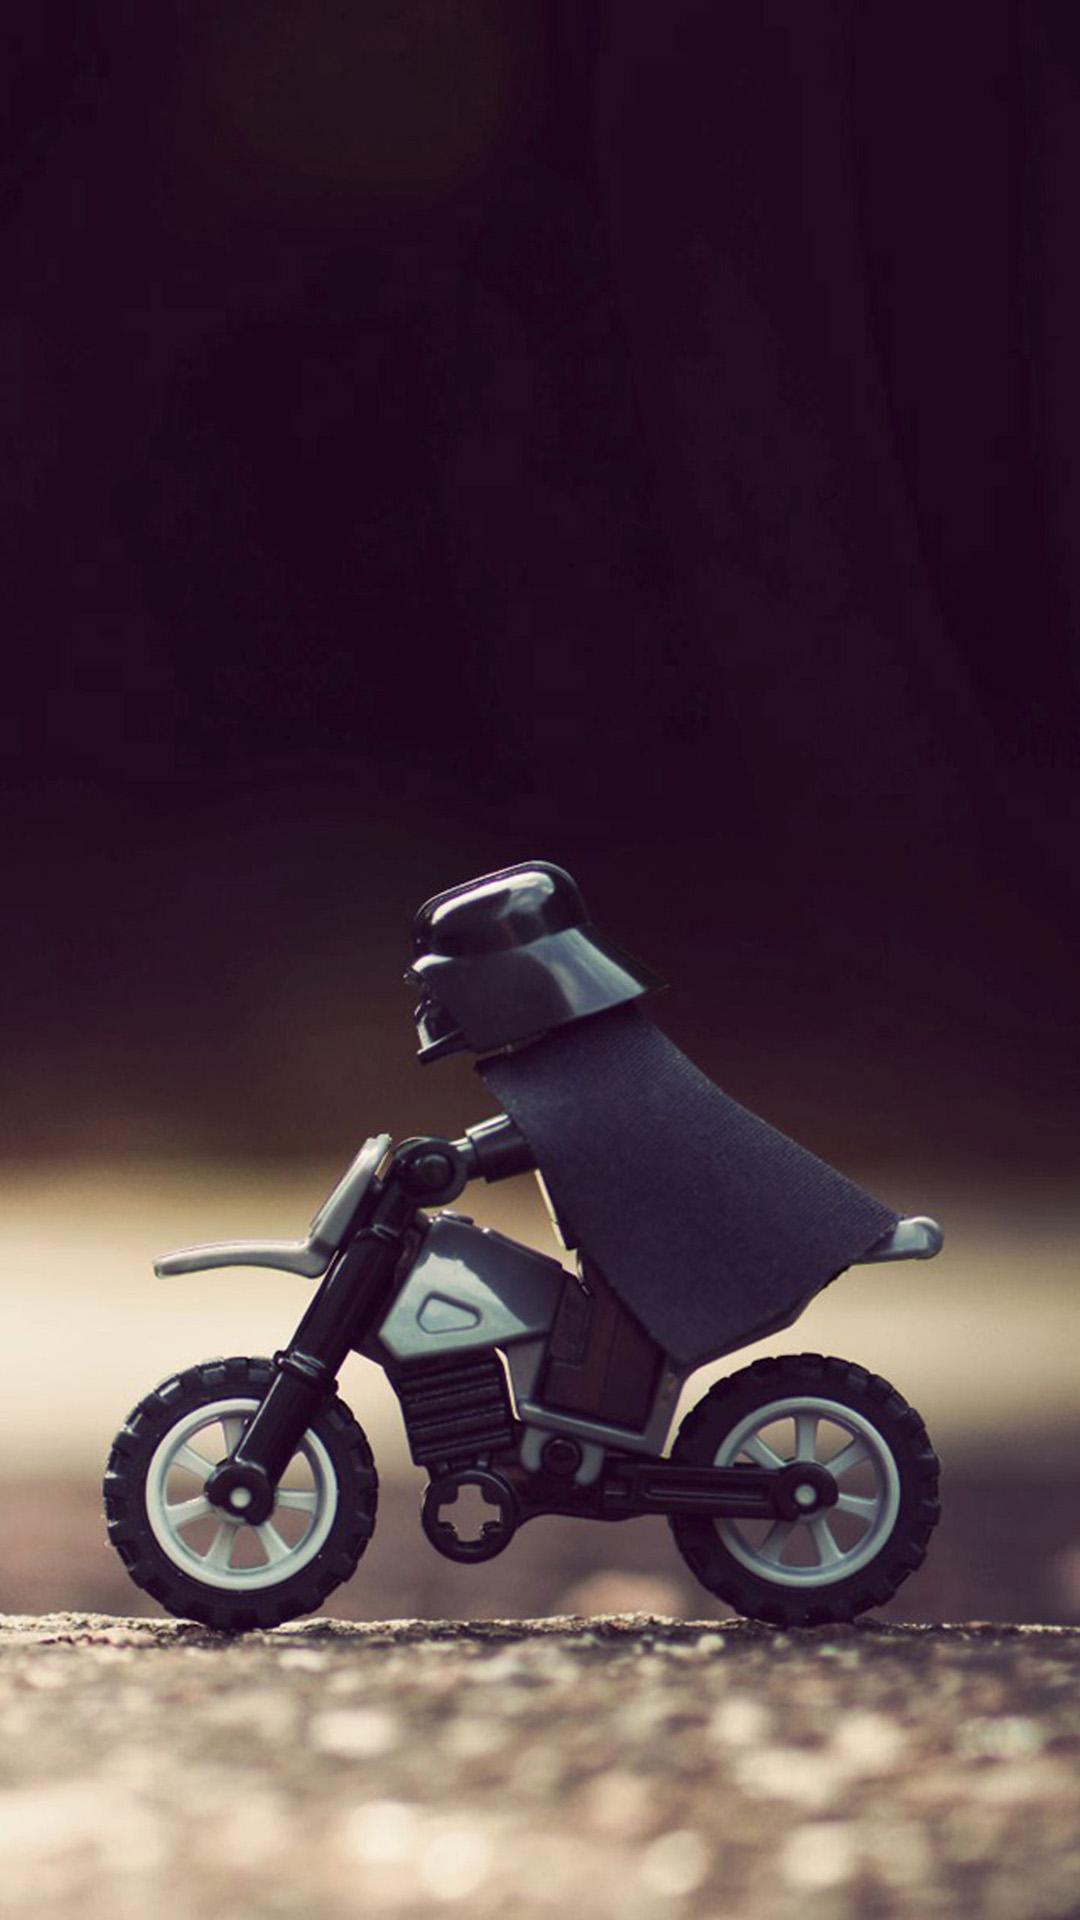 Hình nền xe moto dễ thương cho điện thoại